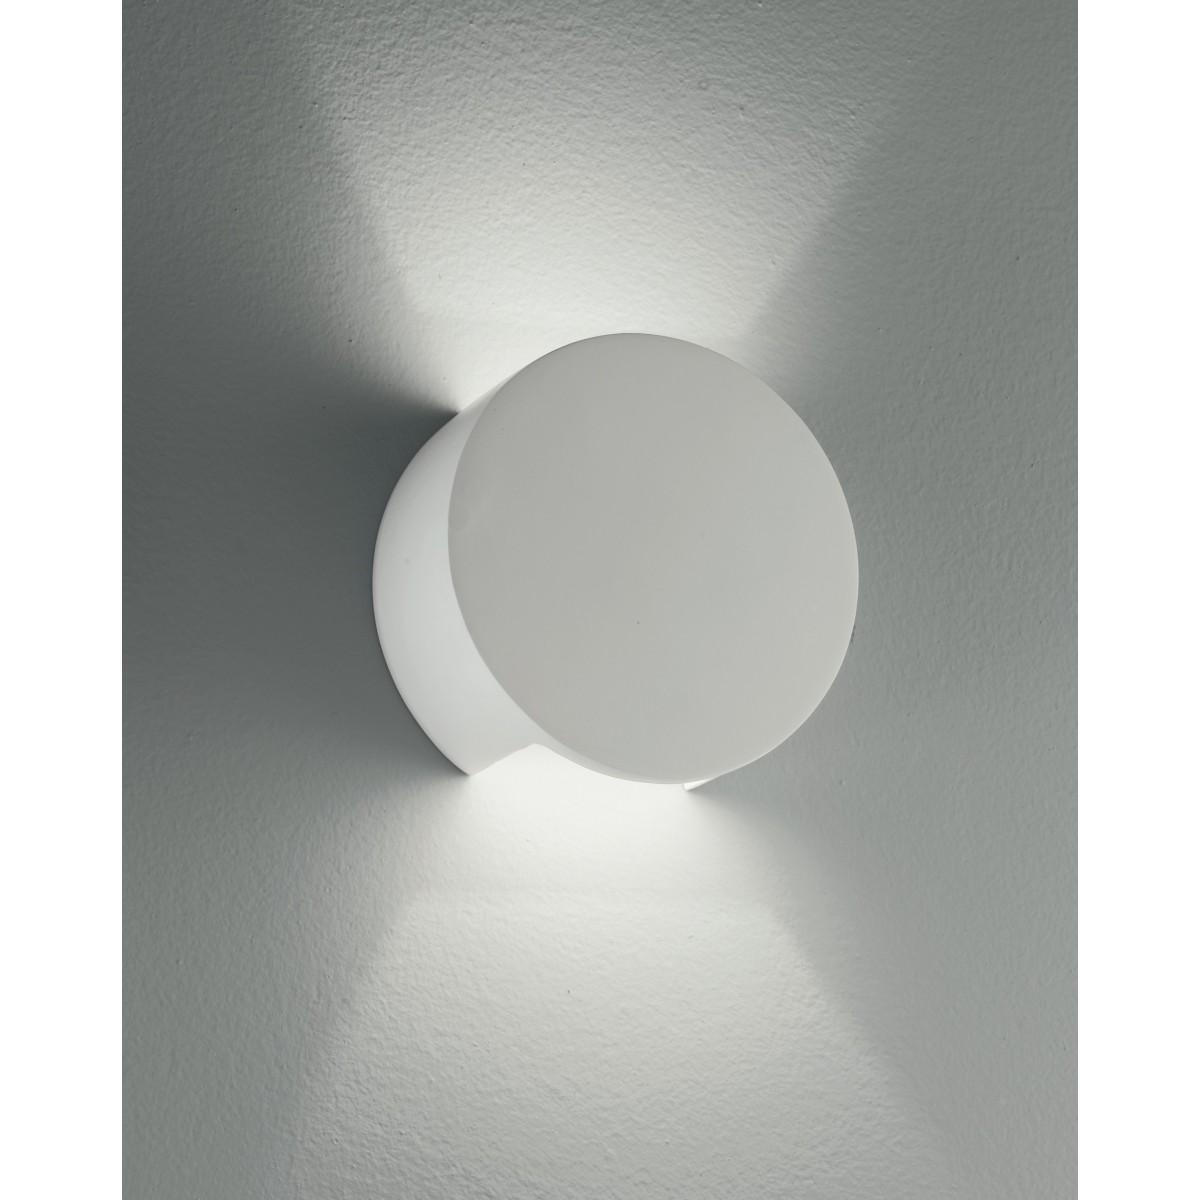 I-LEIRON-AP - Applique Gesso Verniciabile Tonda Doppia Diffusione di Luce Lampada da Parete G9